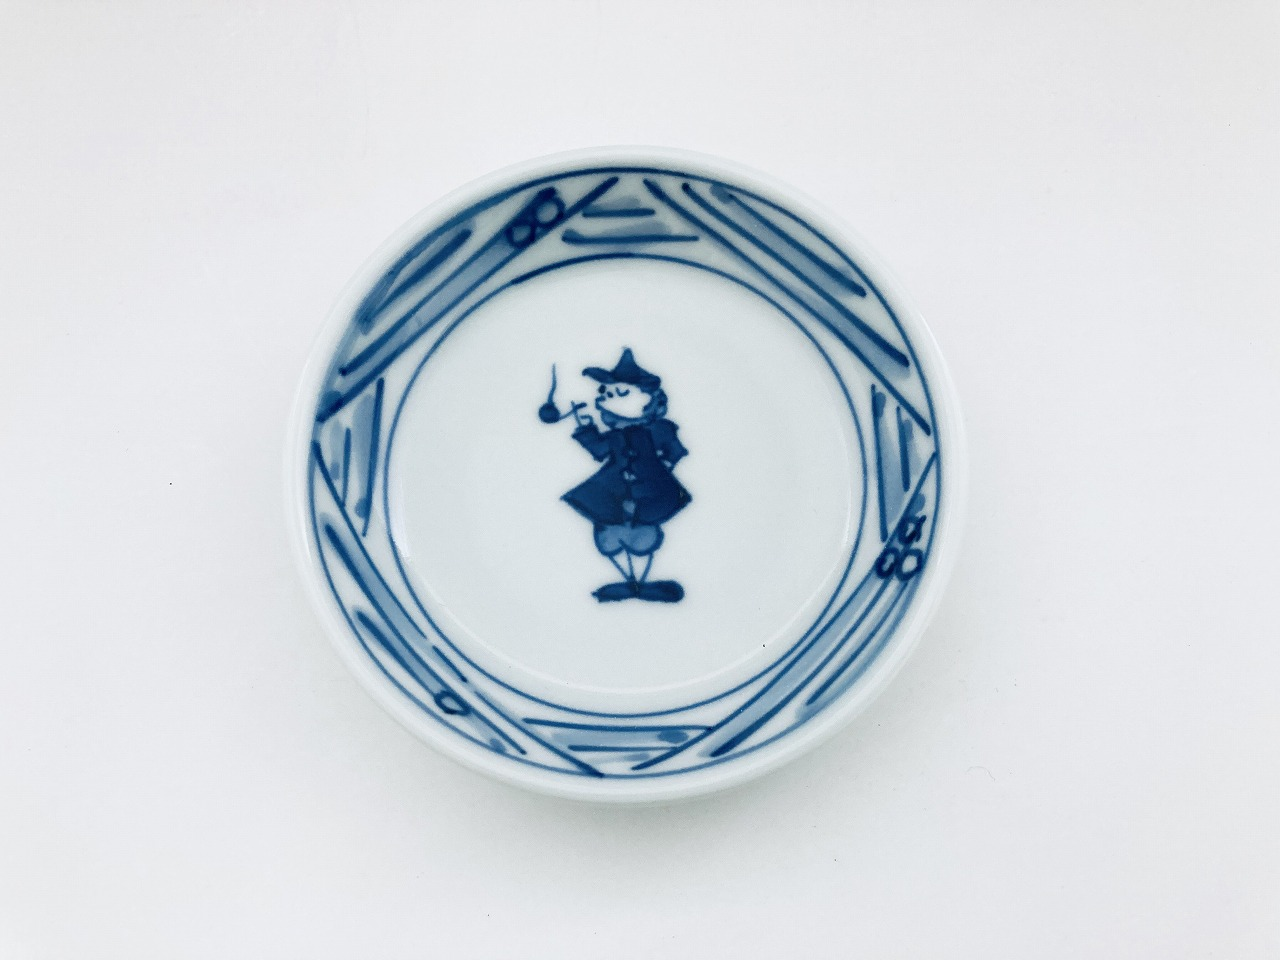 長崎紋渕上り3寸皿 しん窯青花